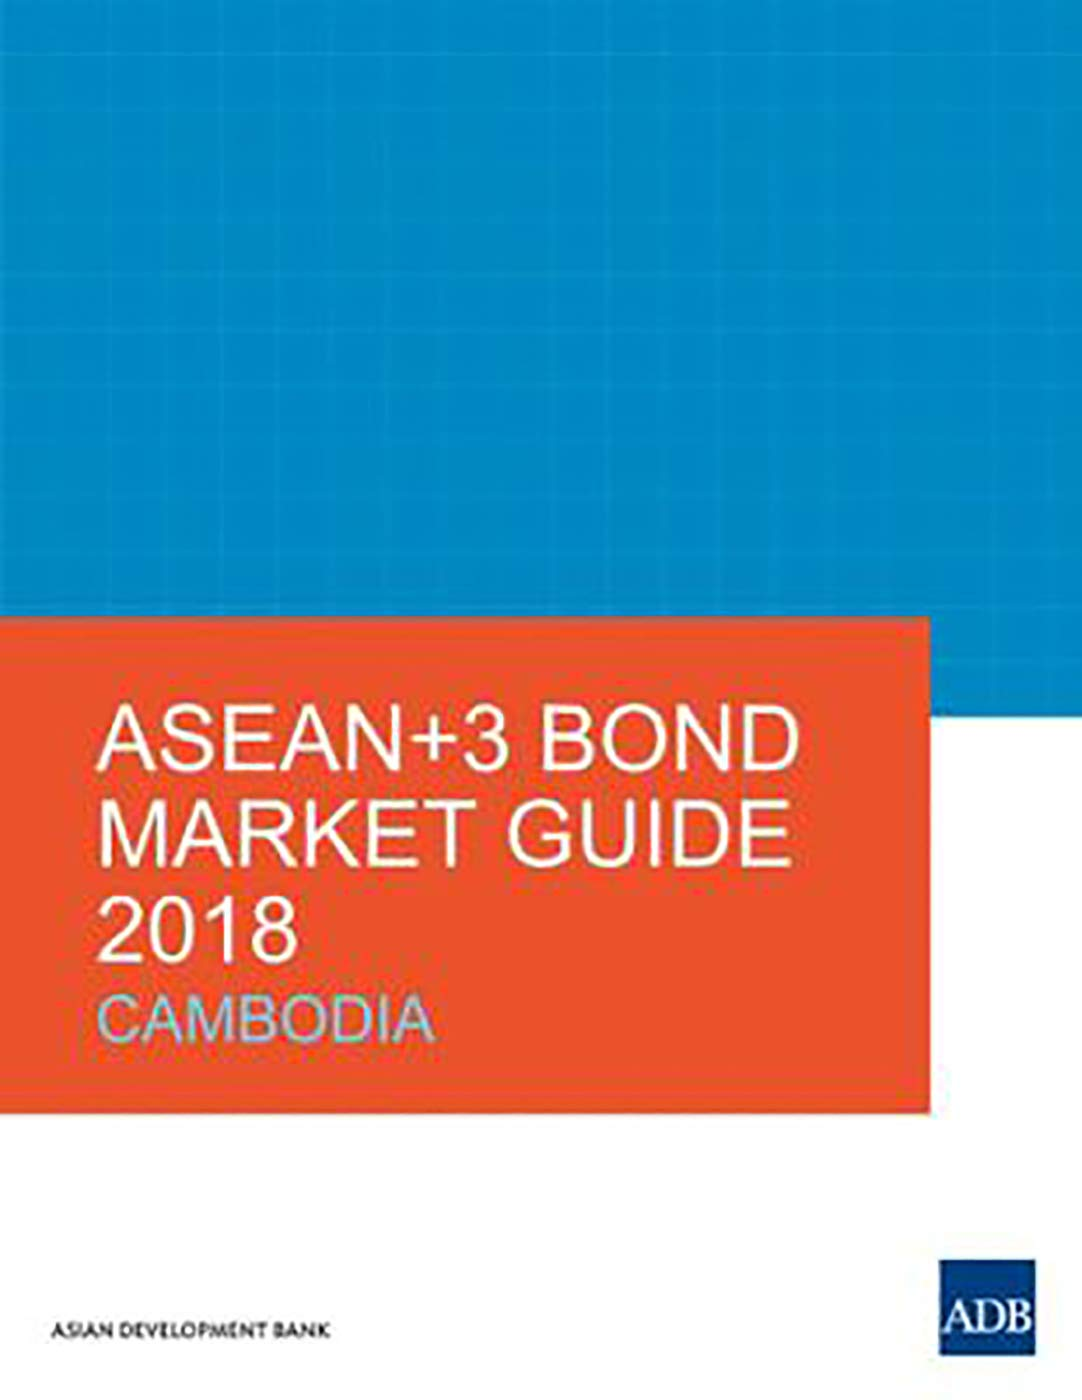 ASEAN+3 Bond Market Guide 2018: Cambodia